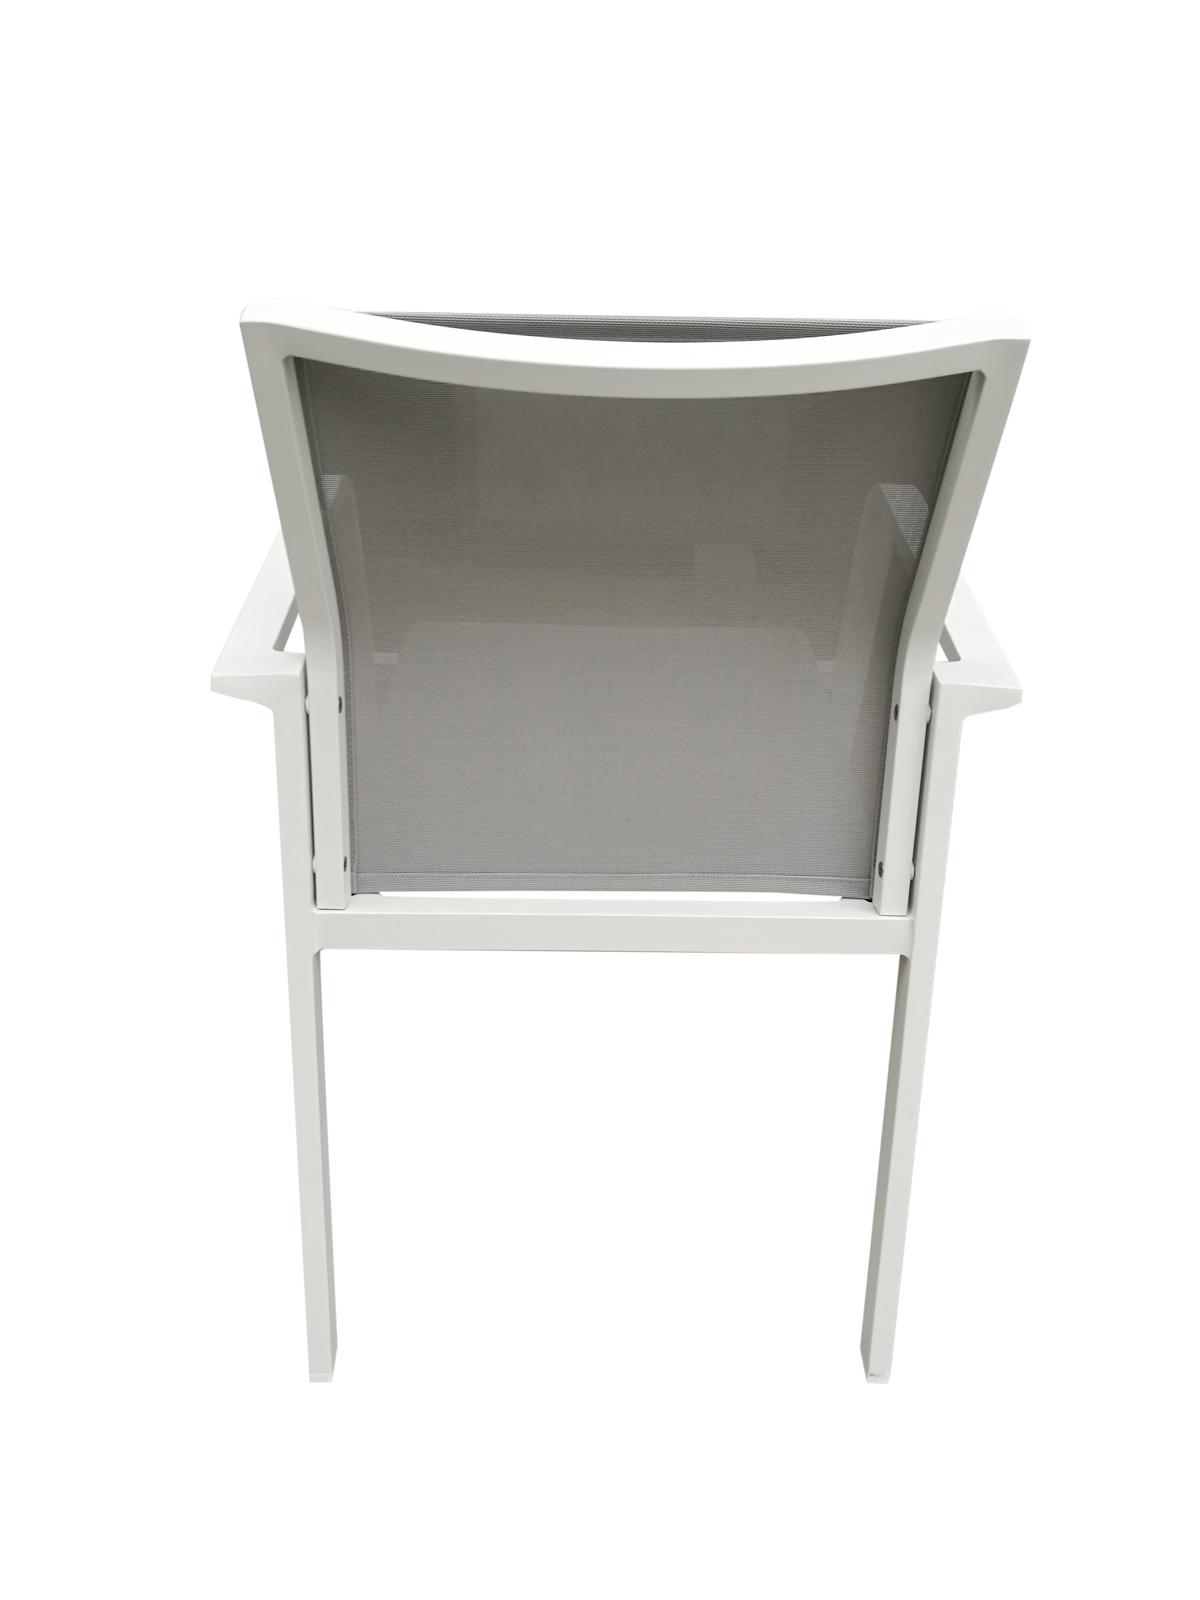 Fauteuil de Jardin NICE en aluminium blanc gris et textilène ...